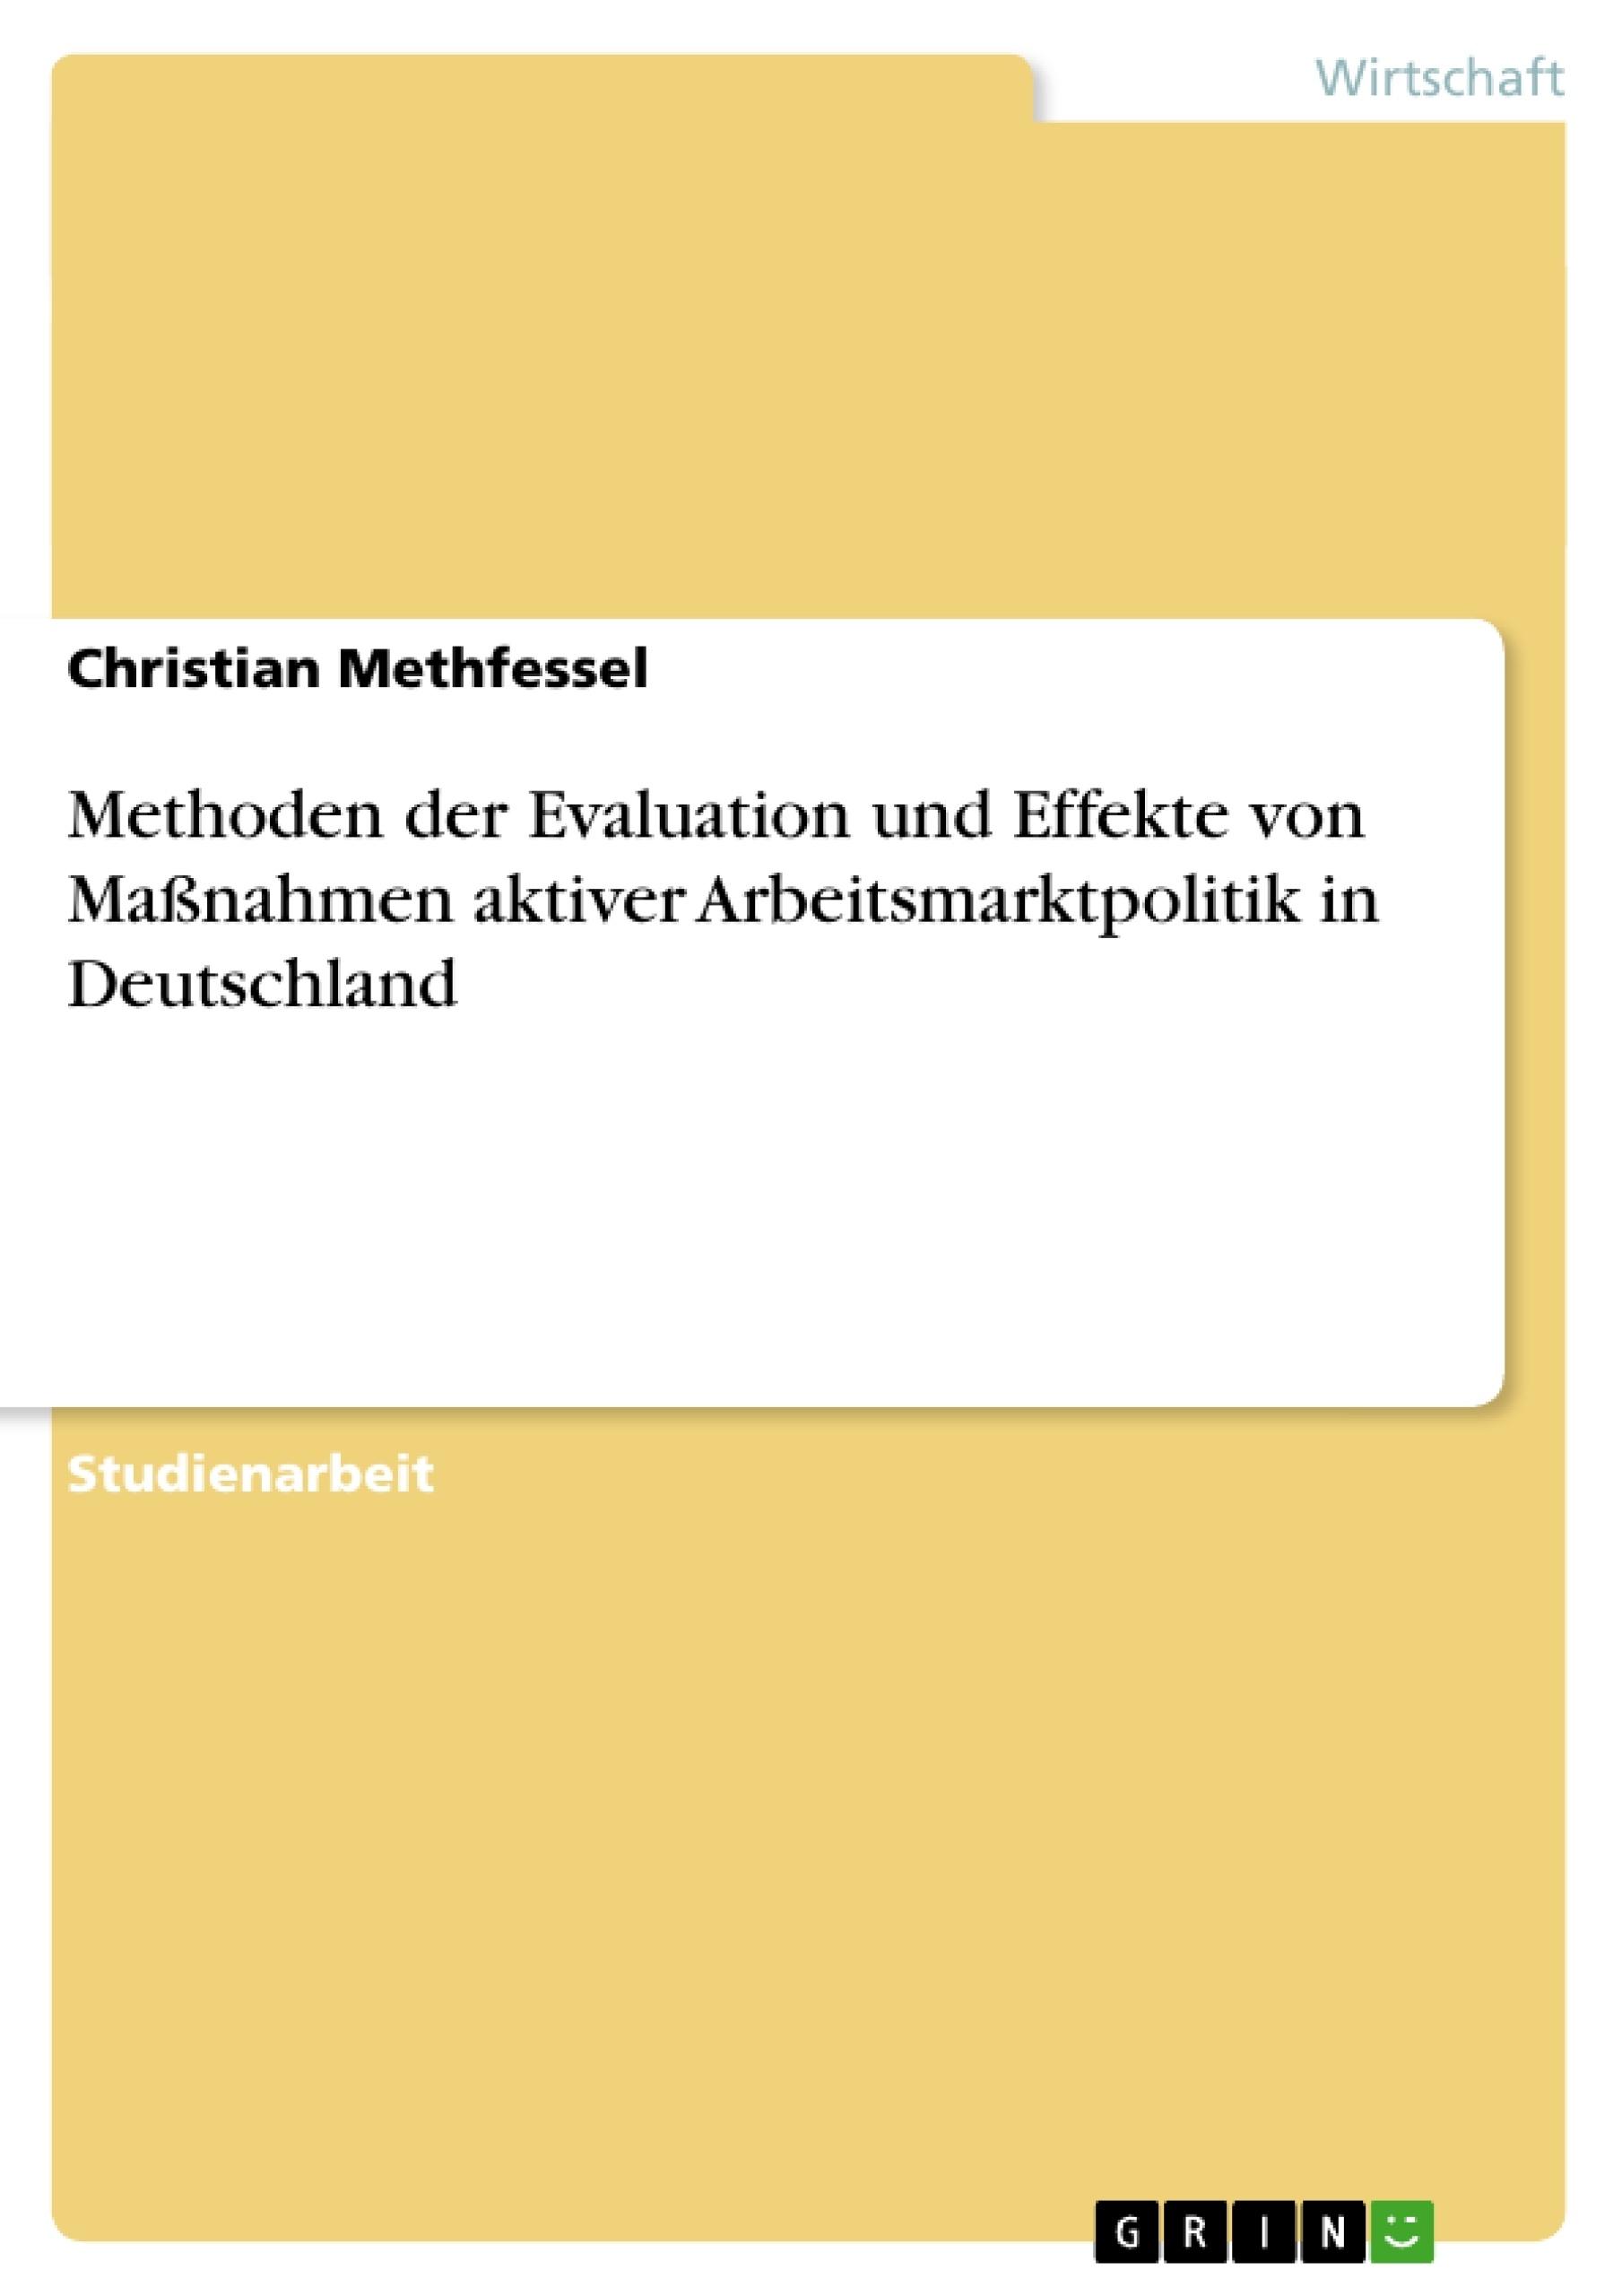 Titel: Methoden der Evaluation und Effekte von Maßnahmen aktiver Arbeitsmarktpolitik in Deutschland